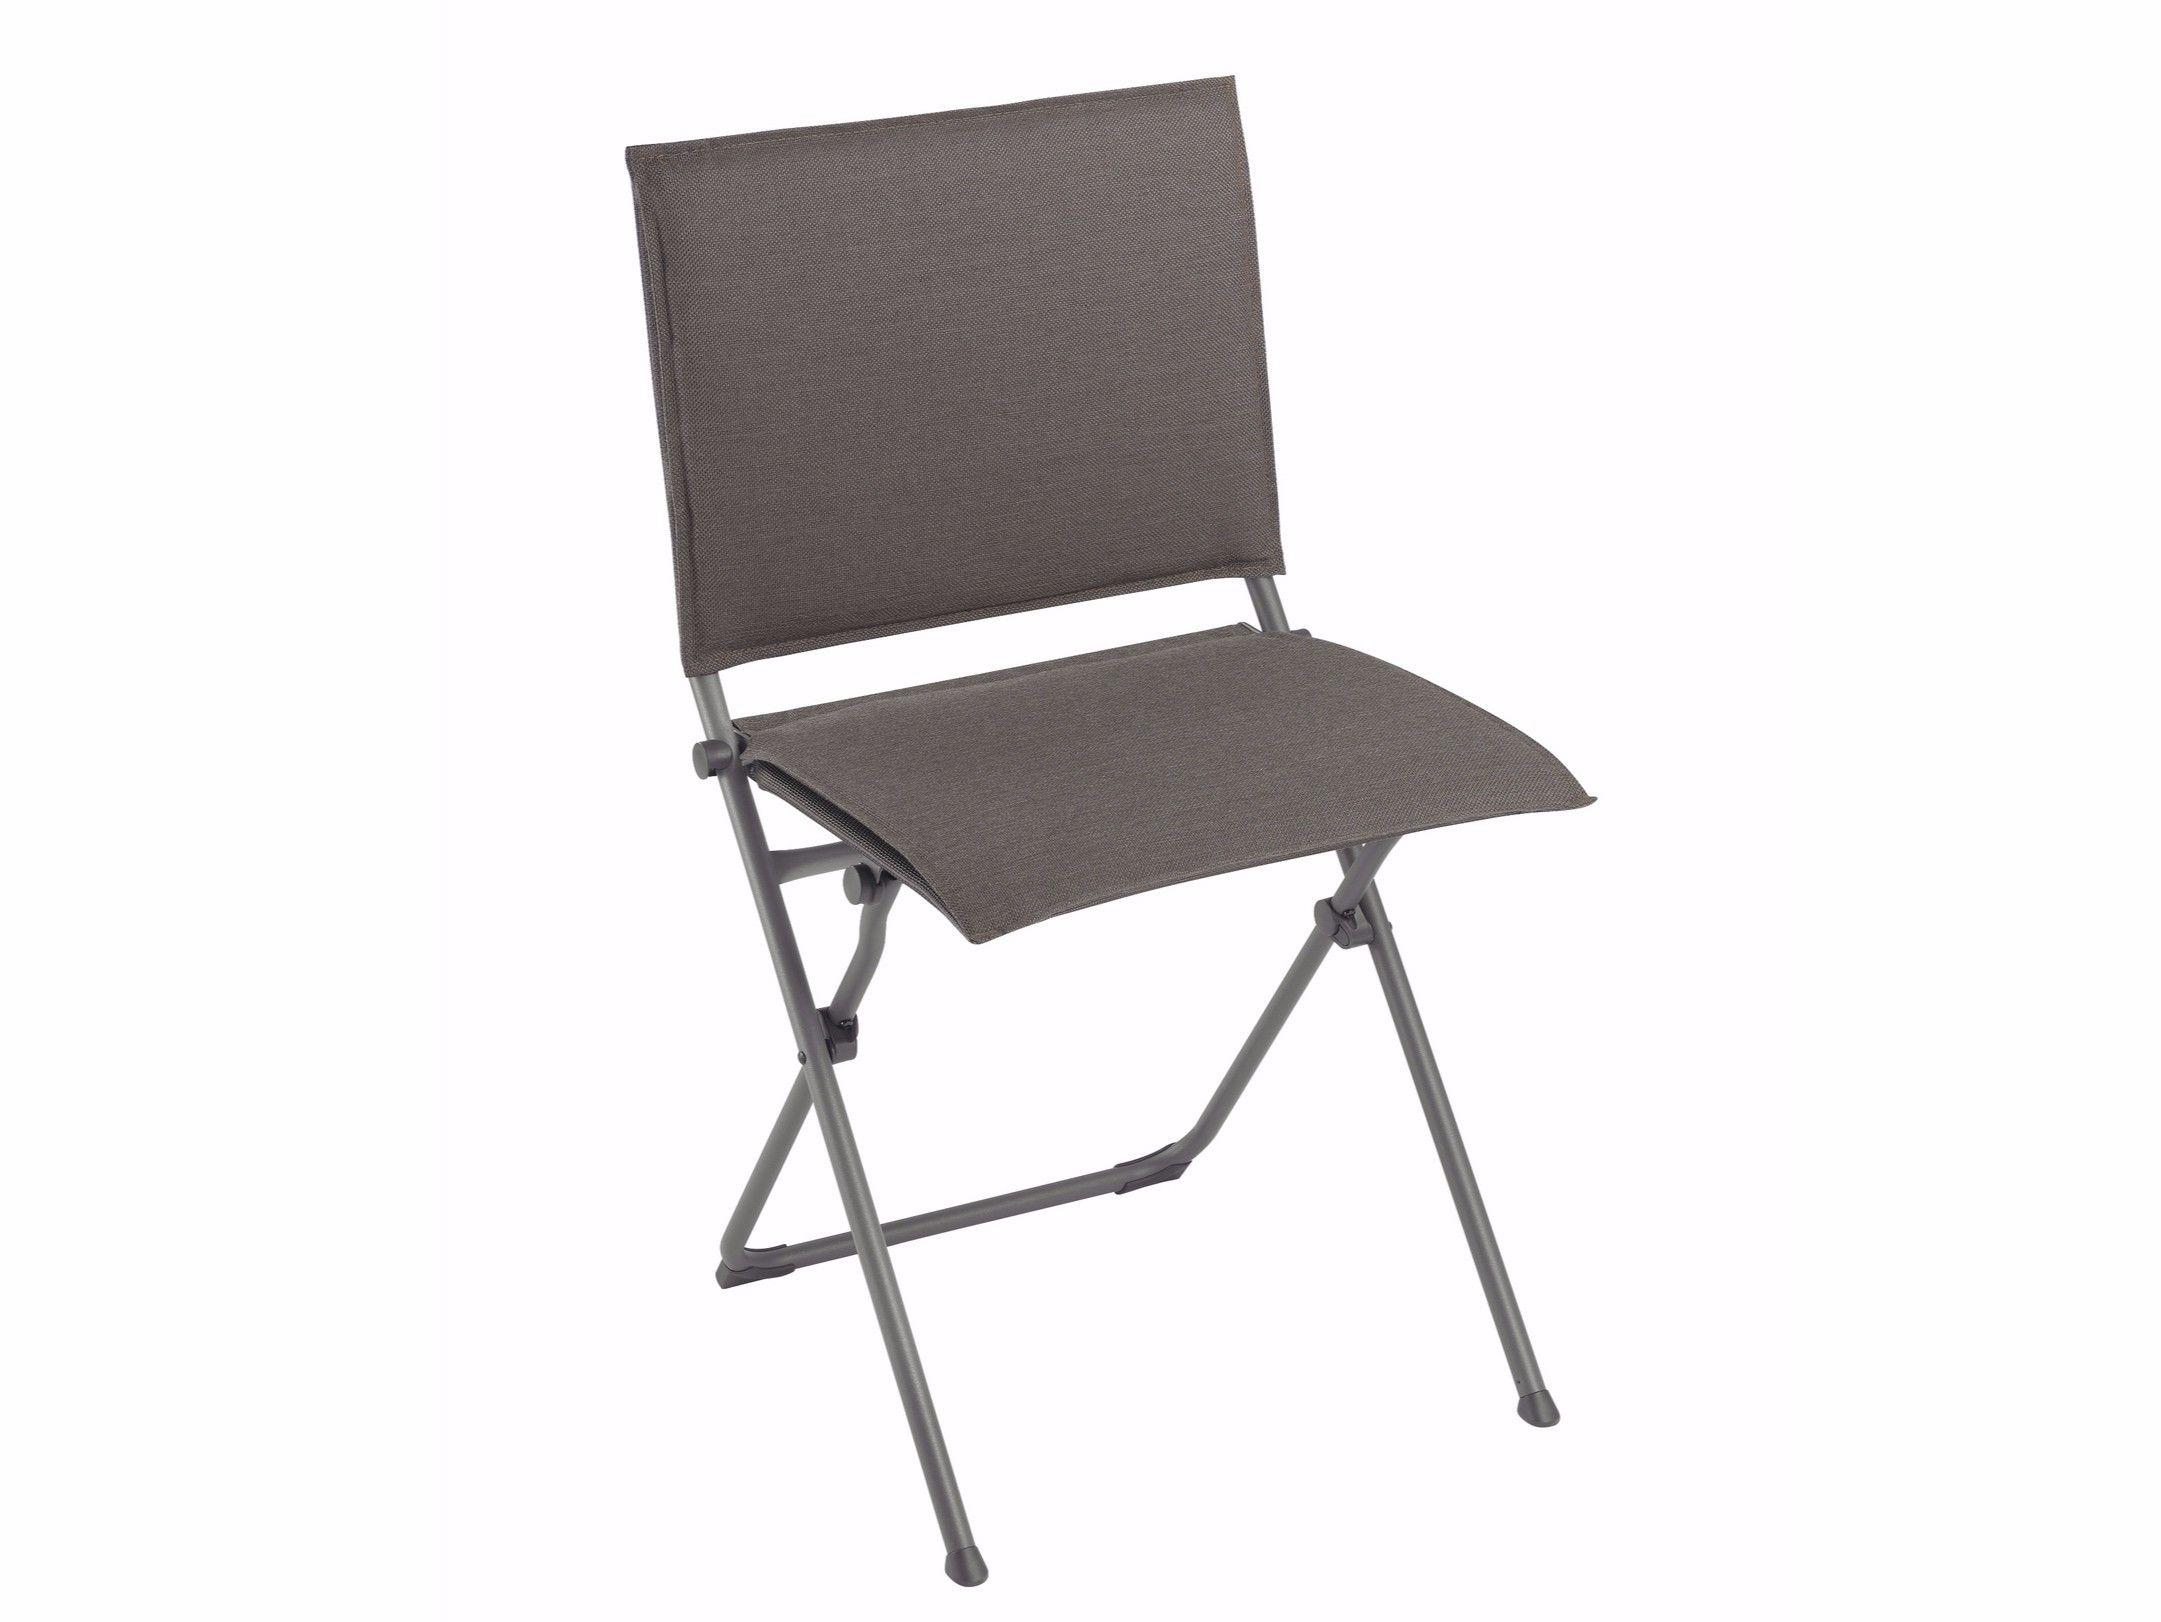 aluminium visor foam pillow sun chairs garden of deck outdoor folding picture p bed balcony blumfeldt chair recliner